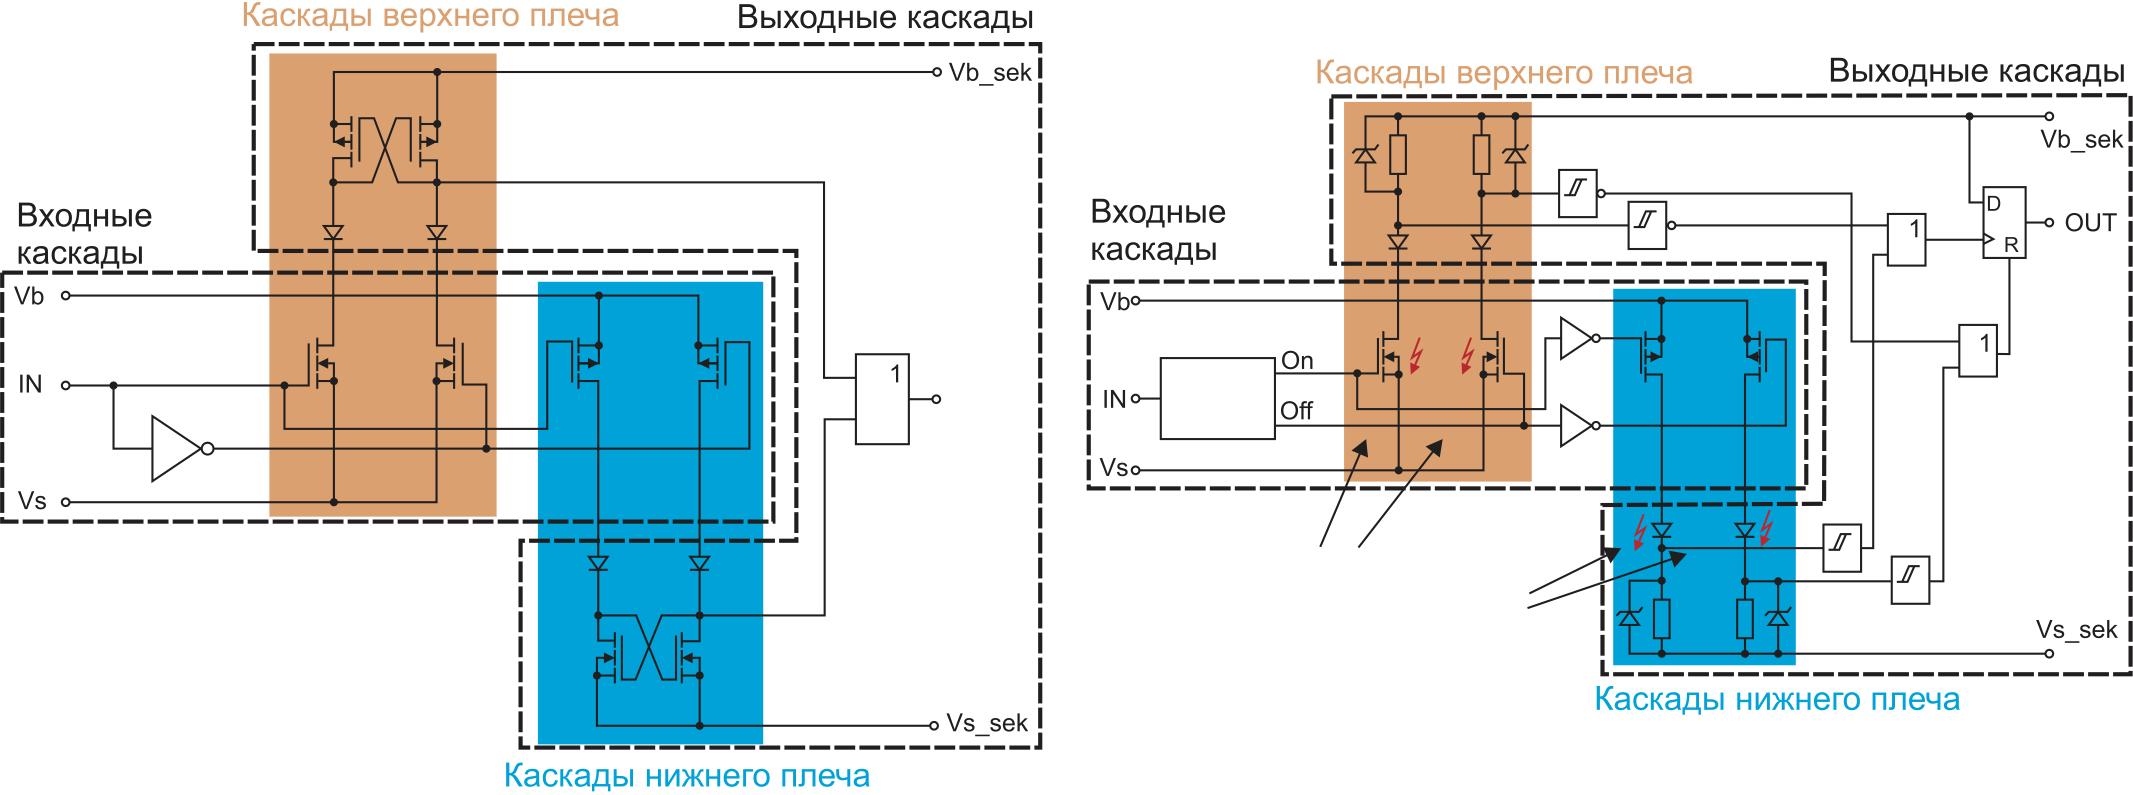 Схема сдвига уровня каналов ВОТ и ТОР